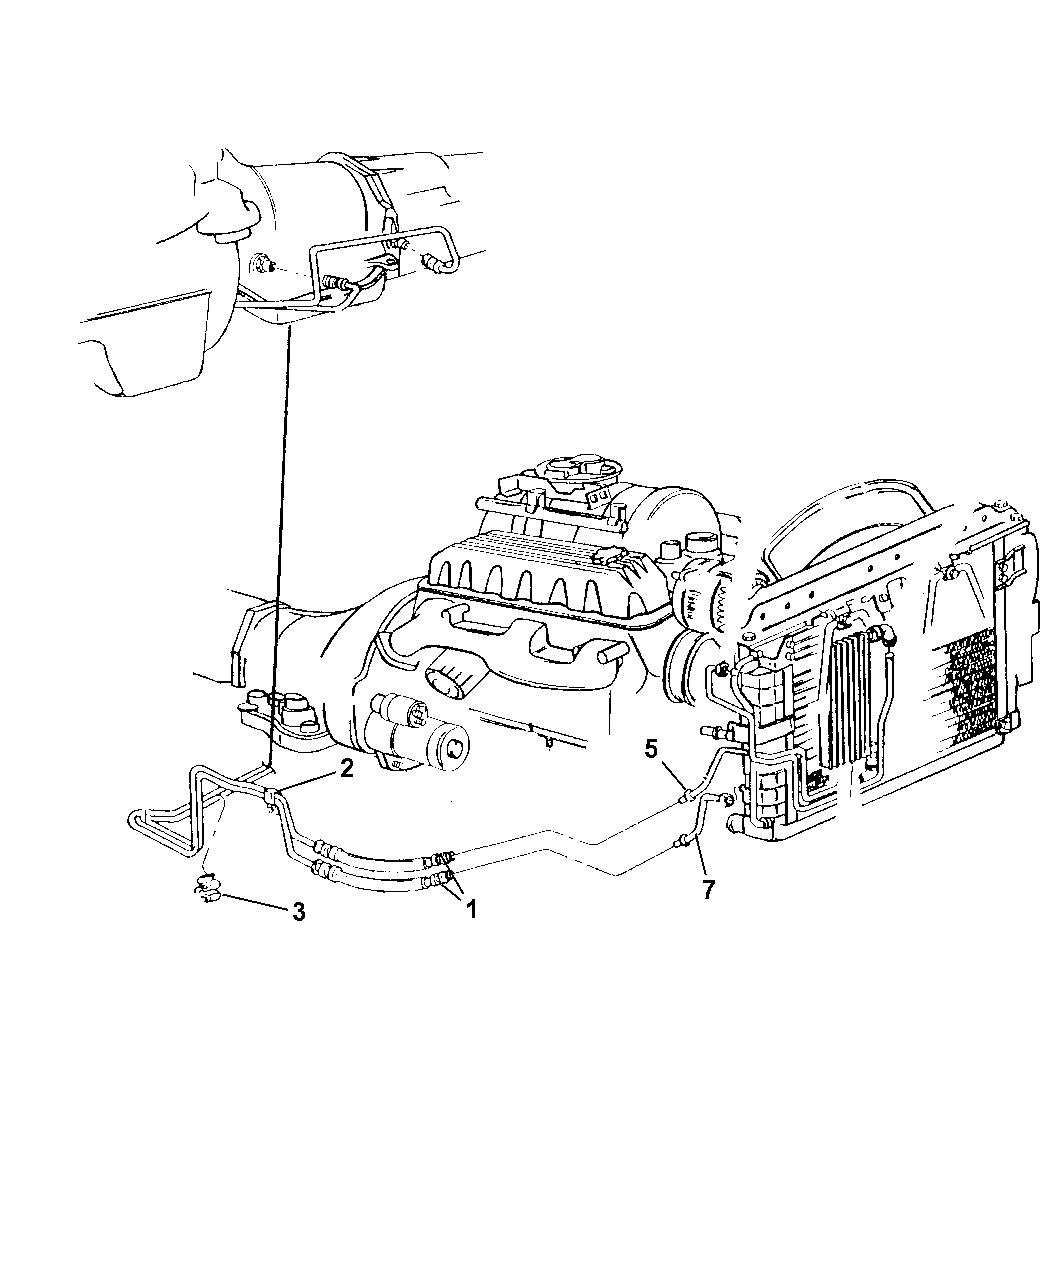 52079592AB - Genuine Mopar TUBE-OIL COOLER